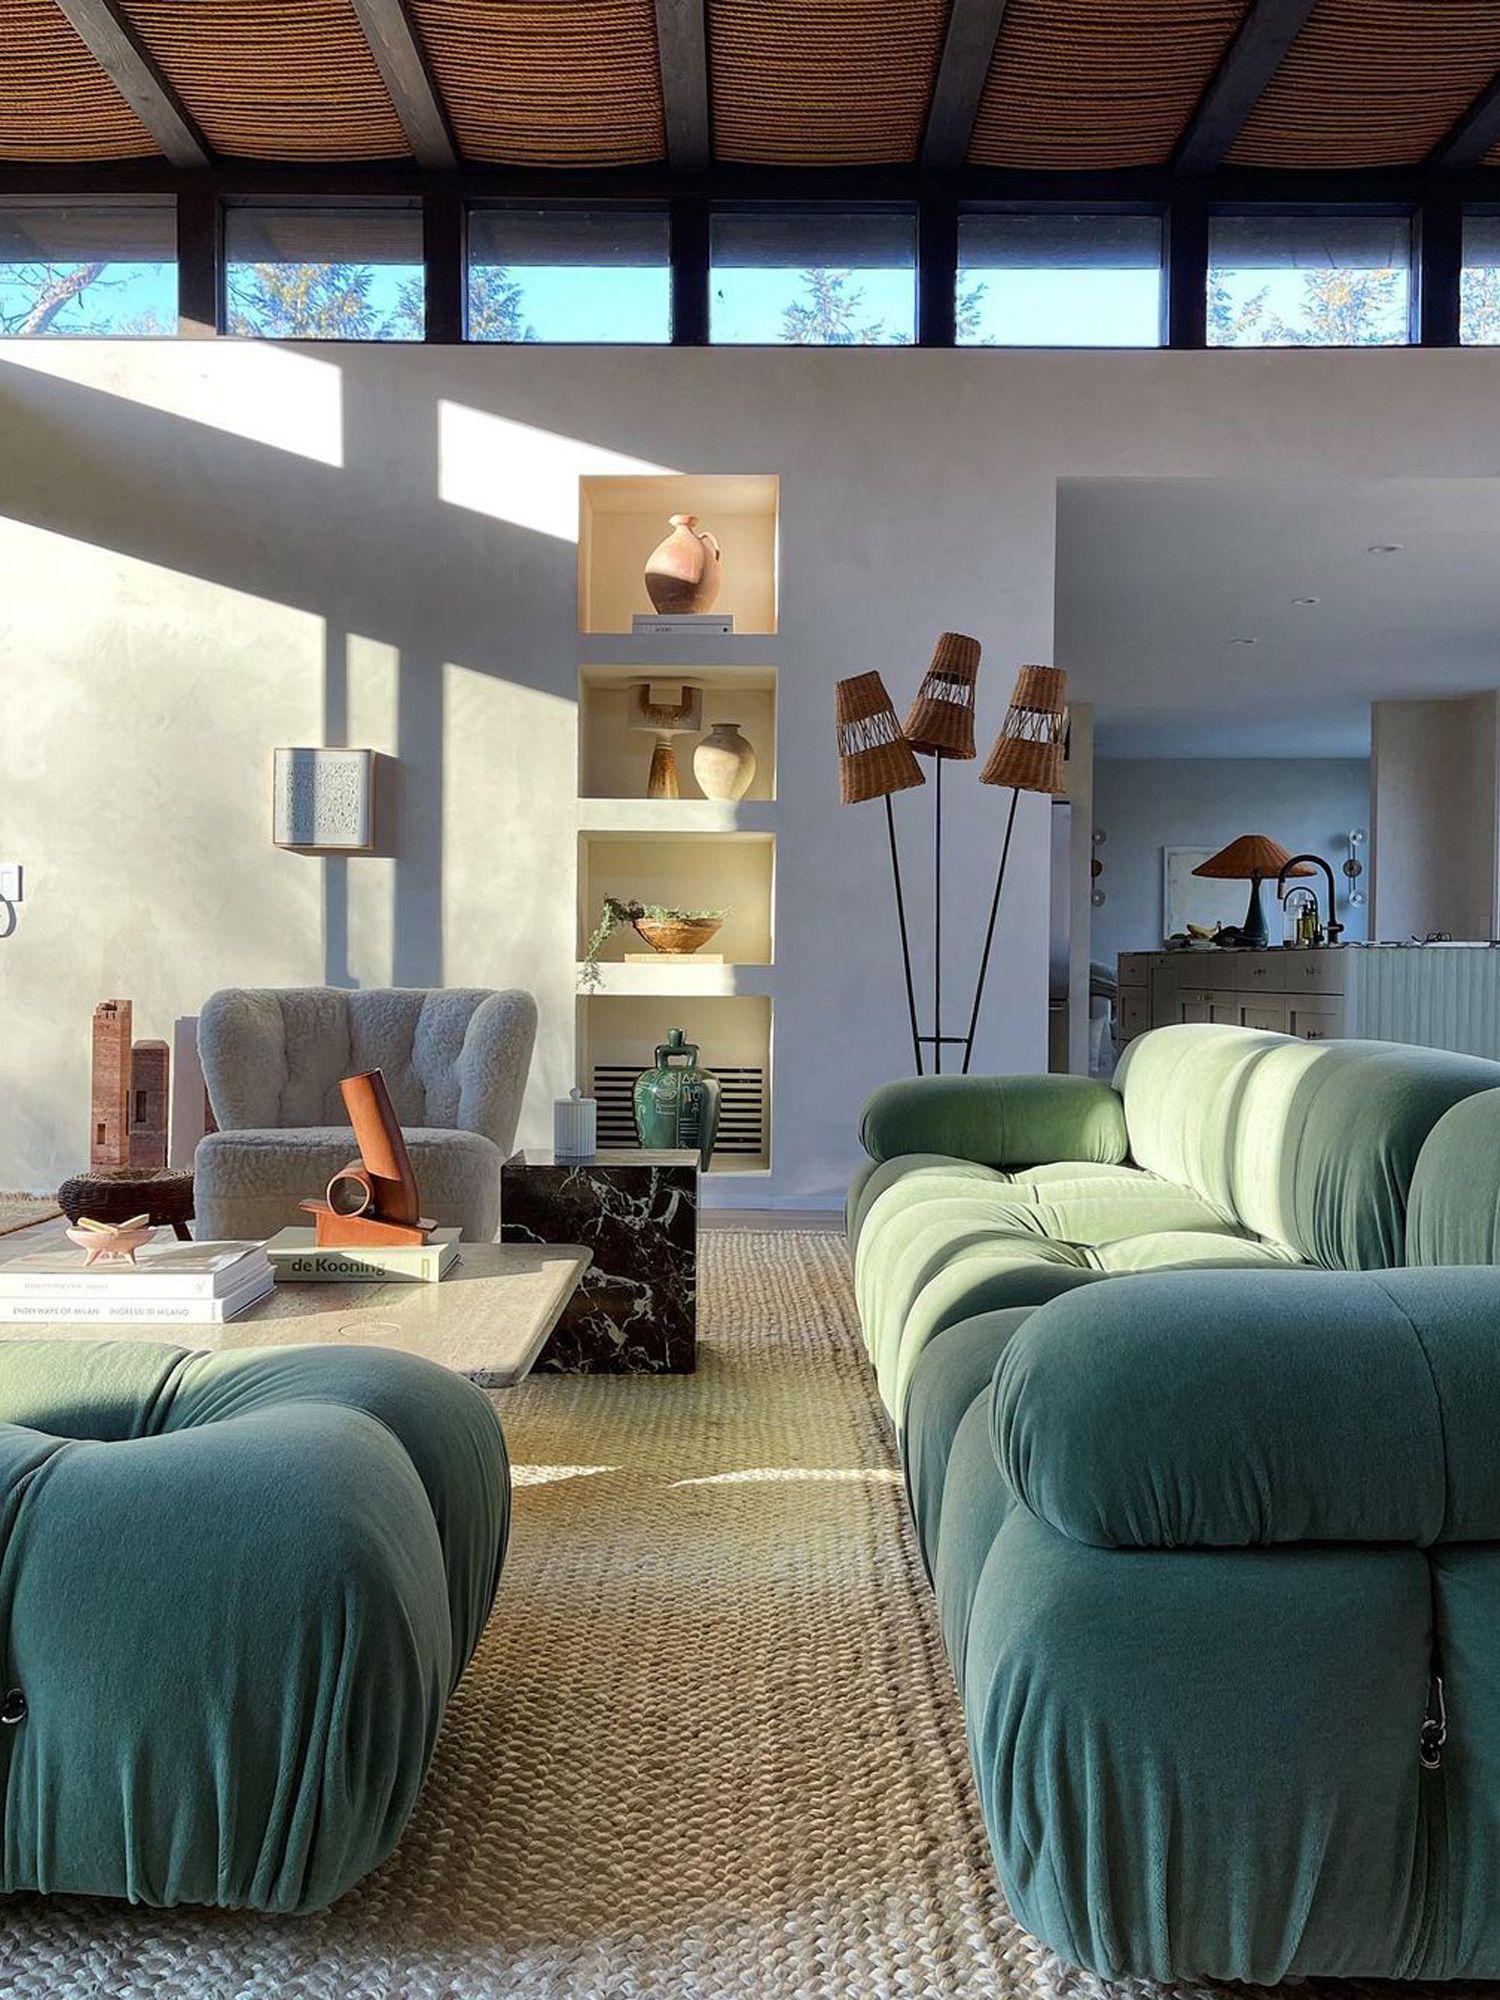 Film di Camelonda a casa della designer Athena Calderon, dove è conosciuta come una grande fan del divano per la creazione di sapori Immagine: courtesy Athena Calderon / @ Icewoon